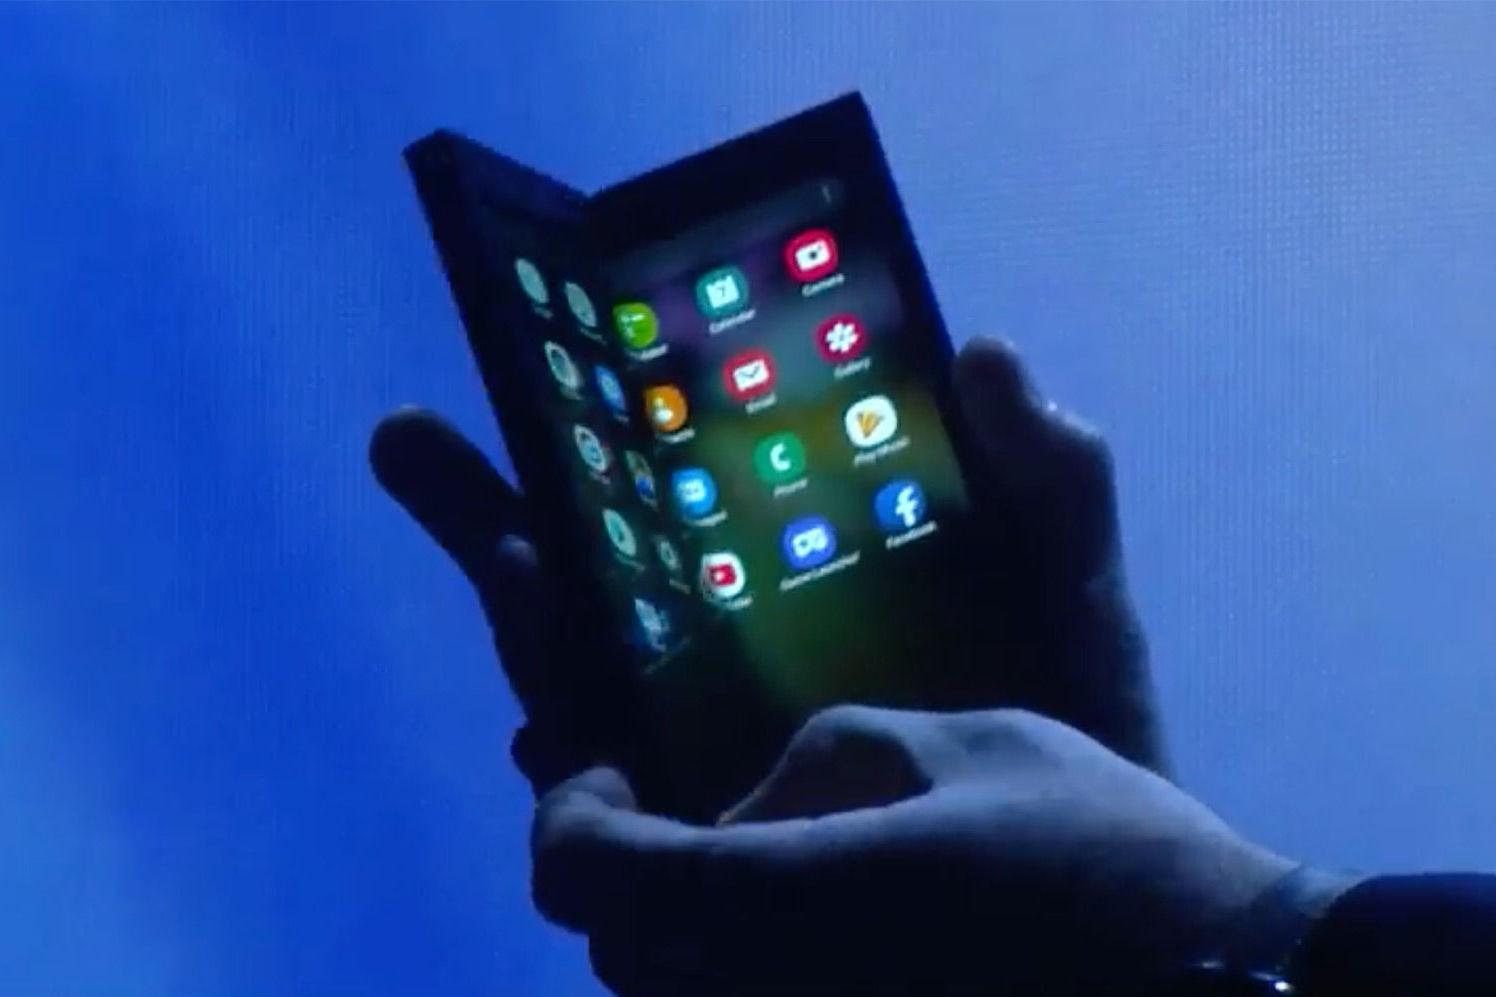 外媒:三星将在2019年上半年推出折叠屏手机